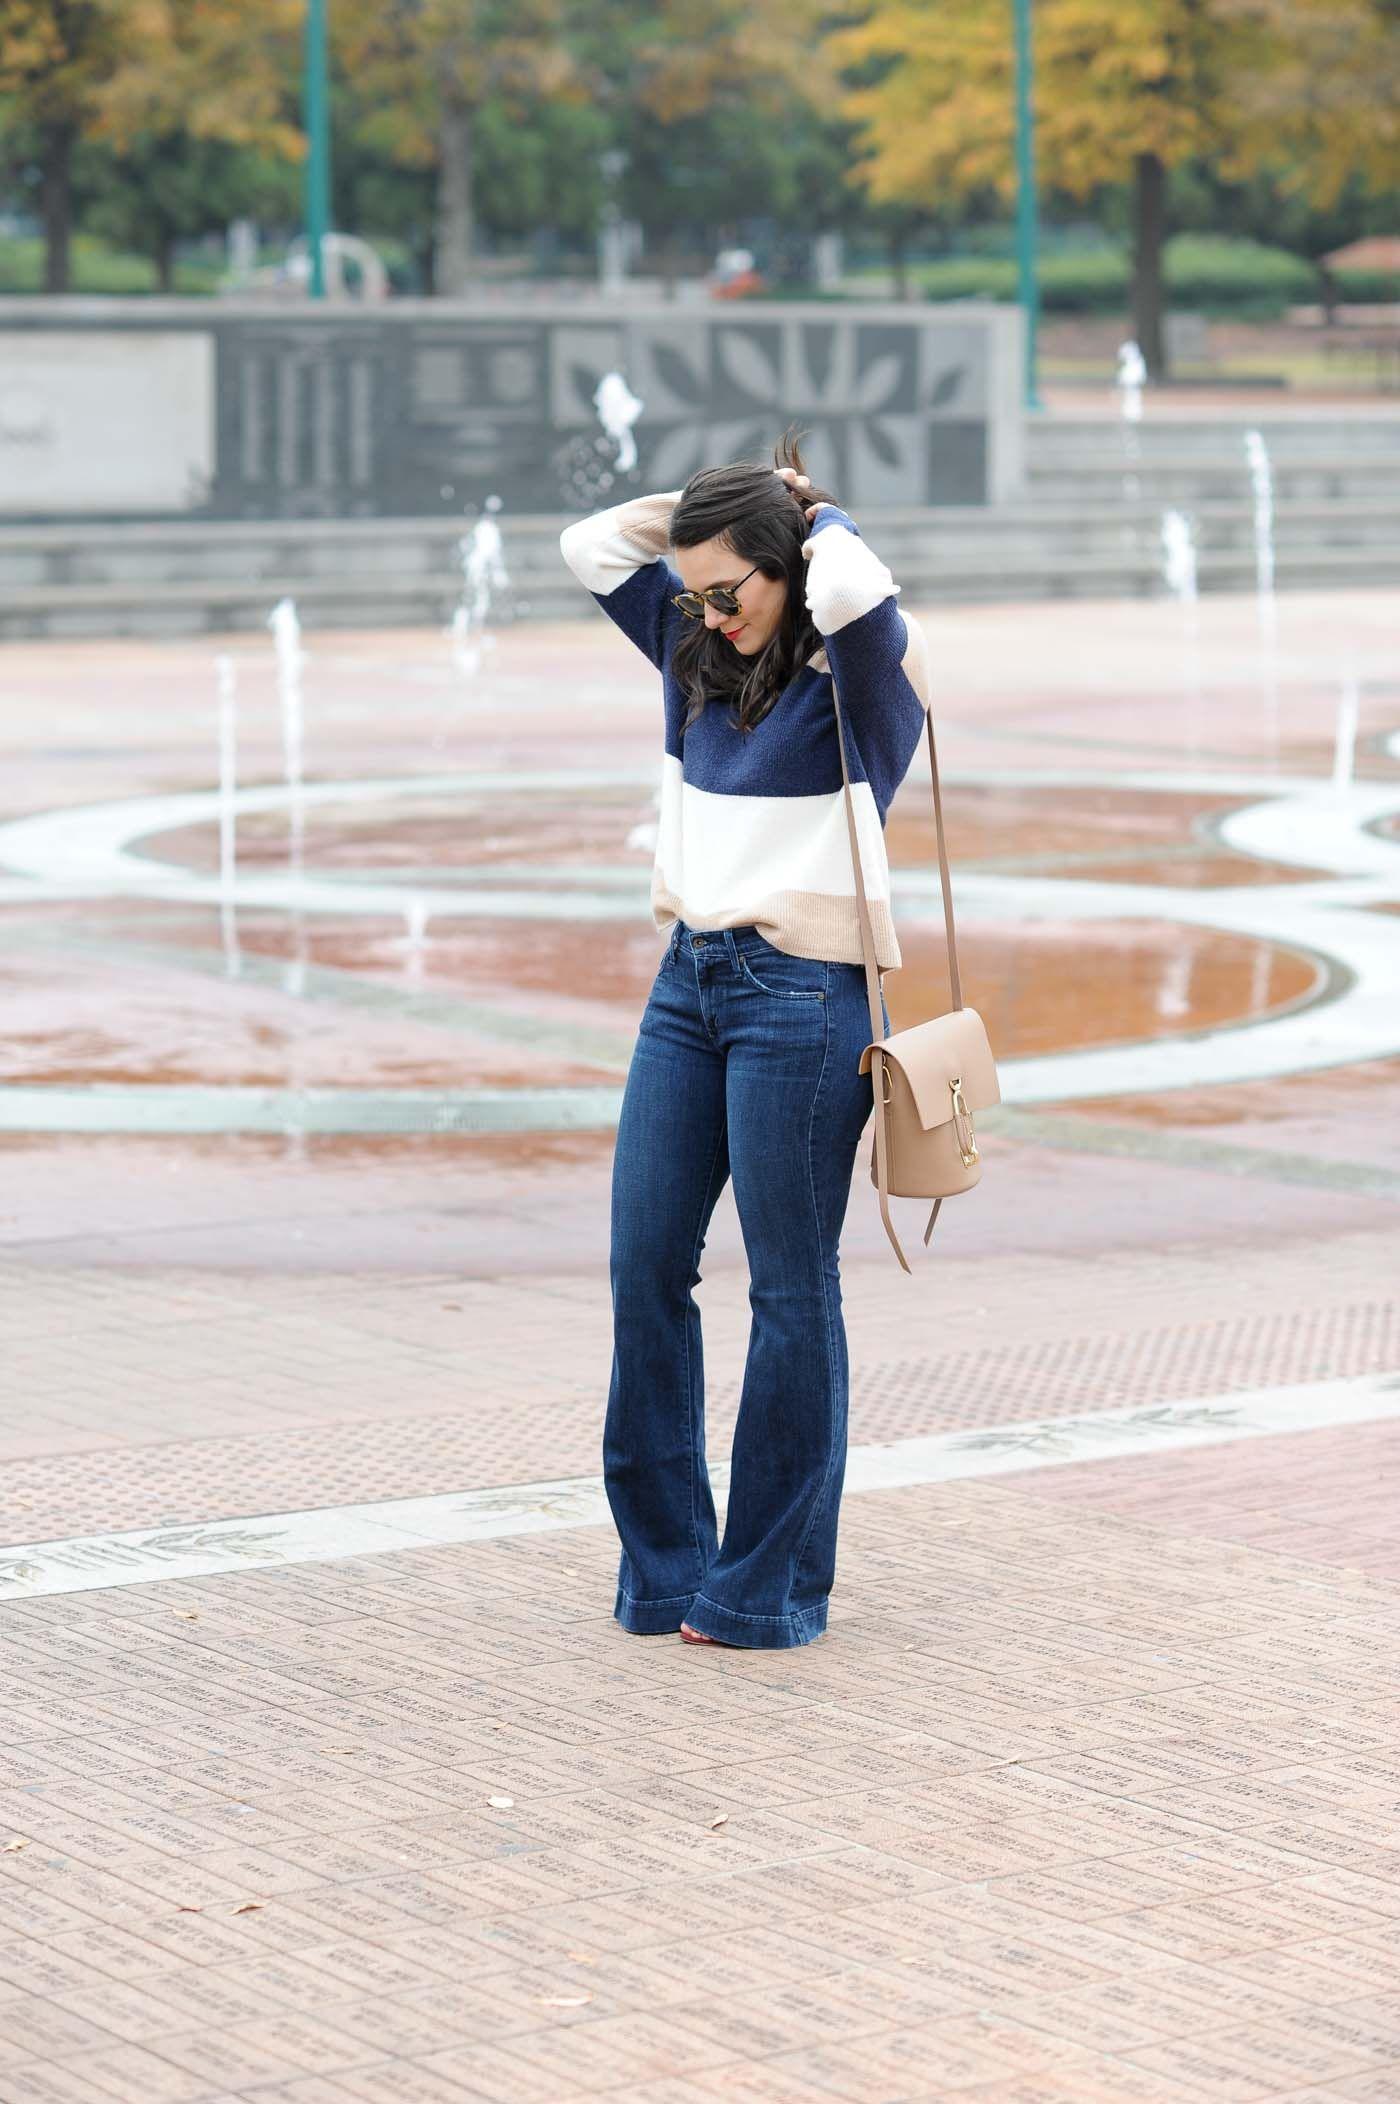 How to wide wear leg denim trousers